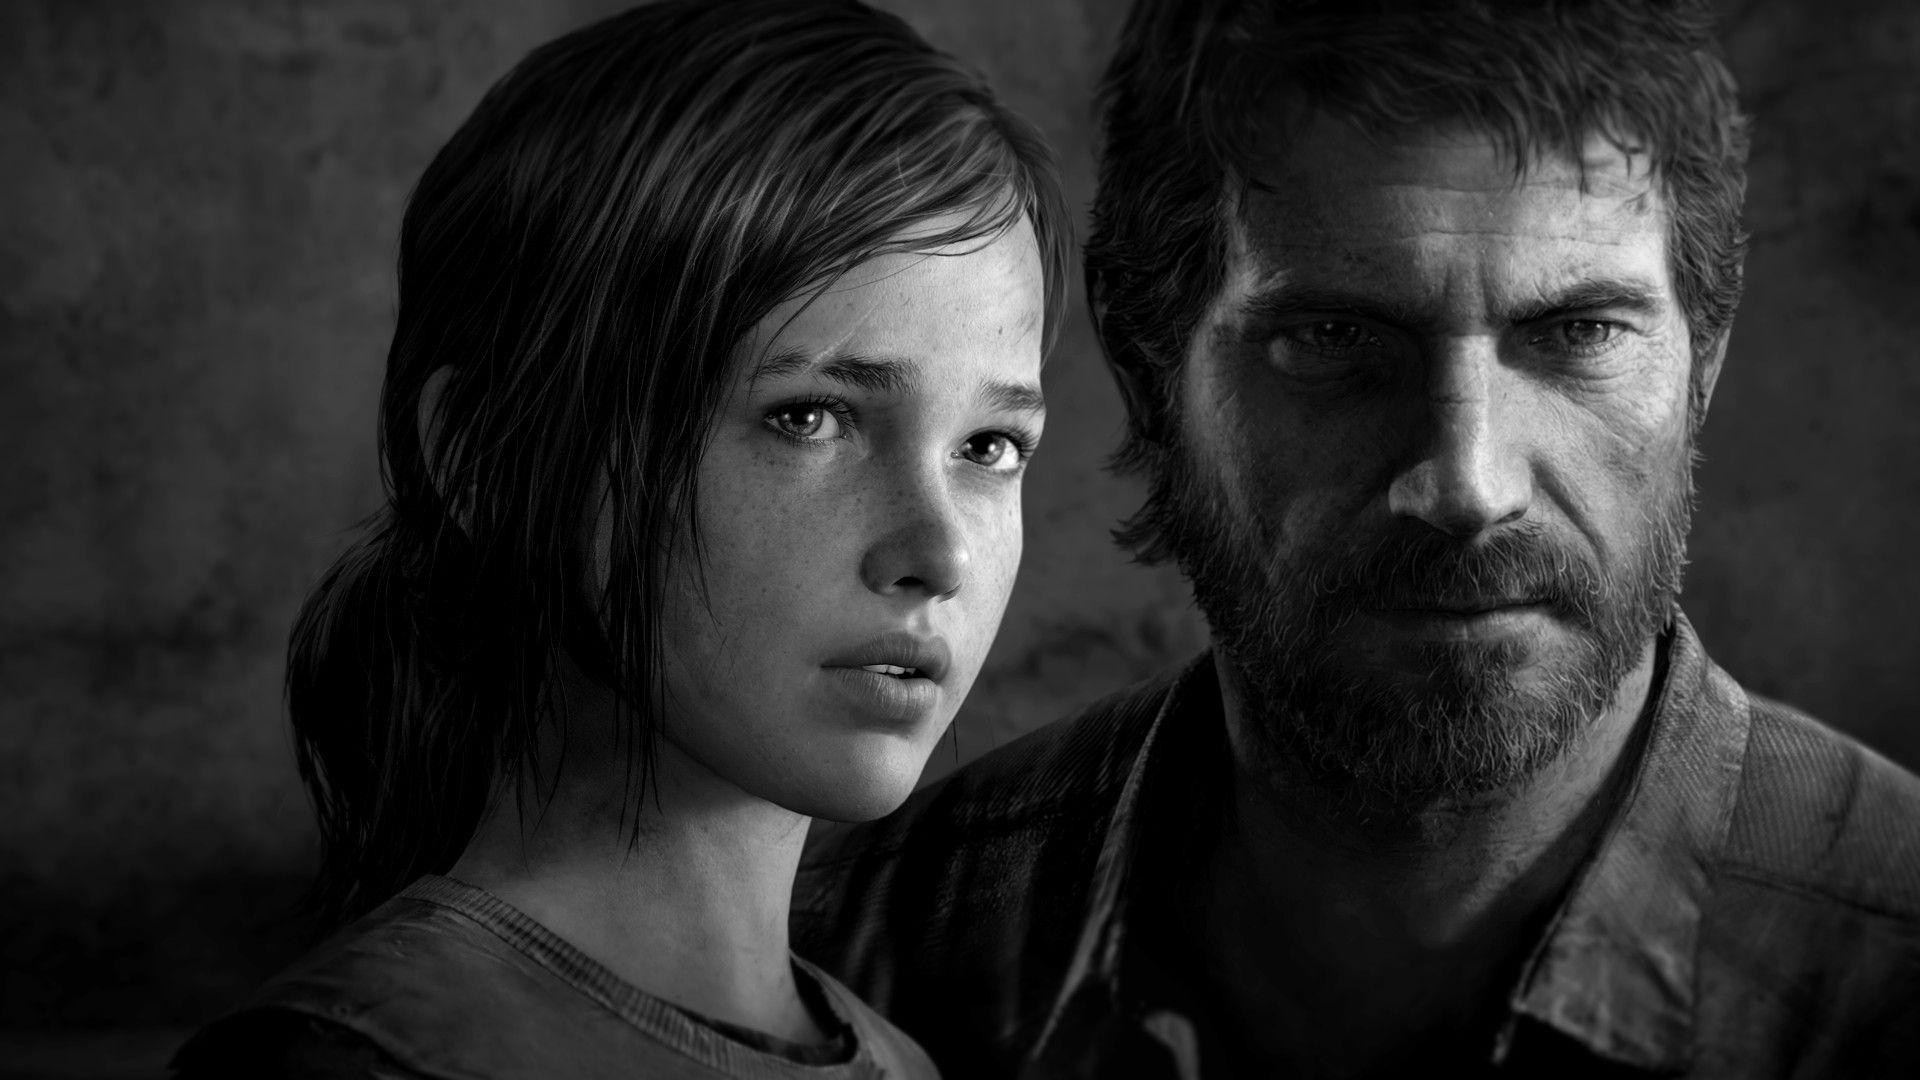 The Last of Us : HBO annonce le développement d'une série